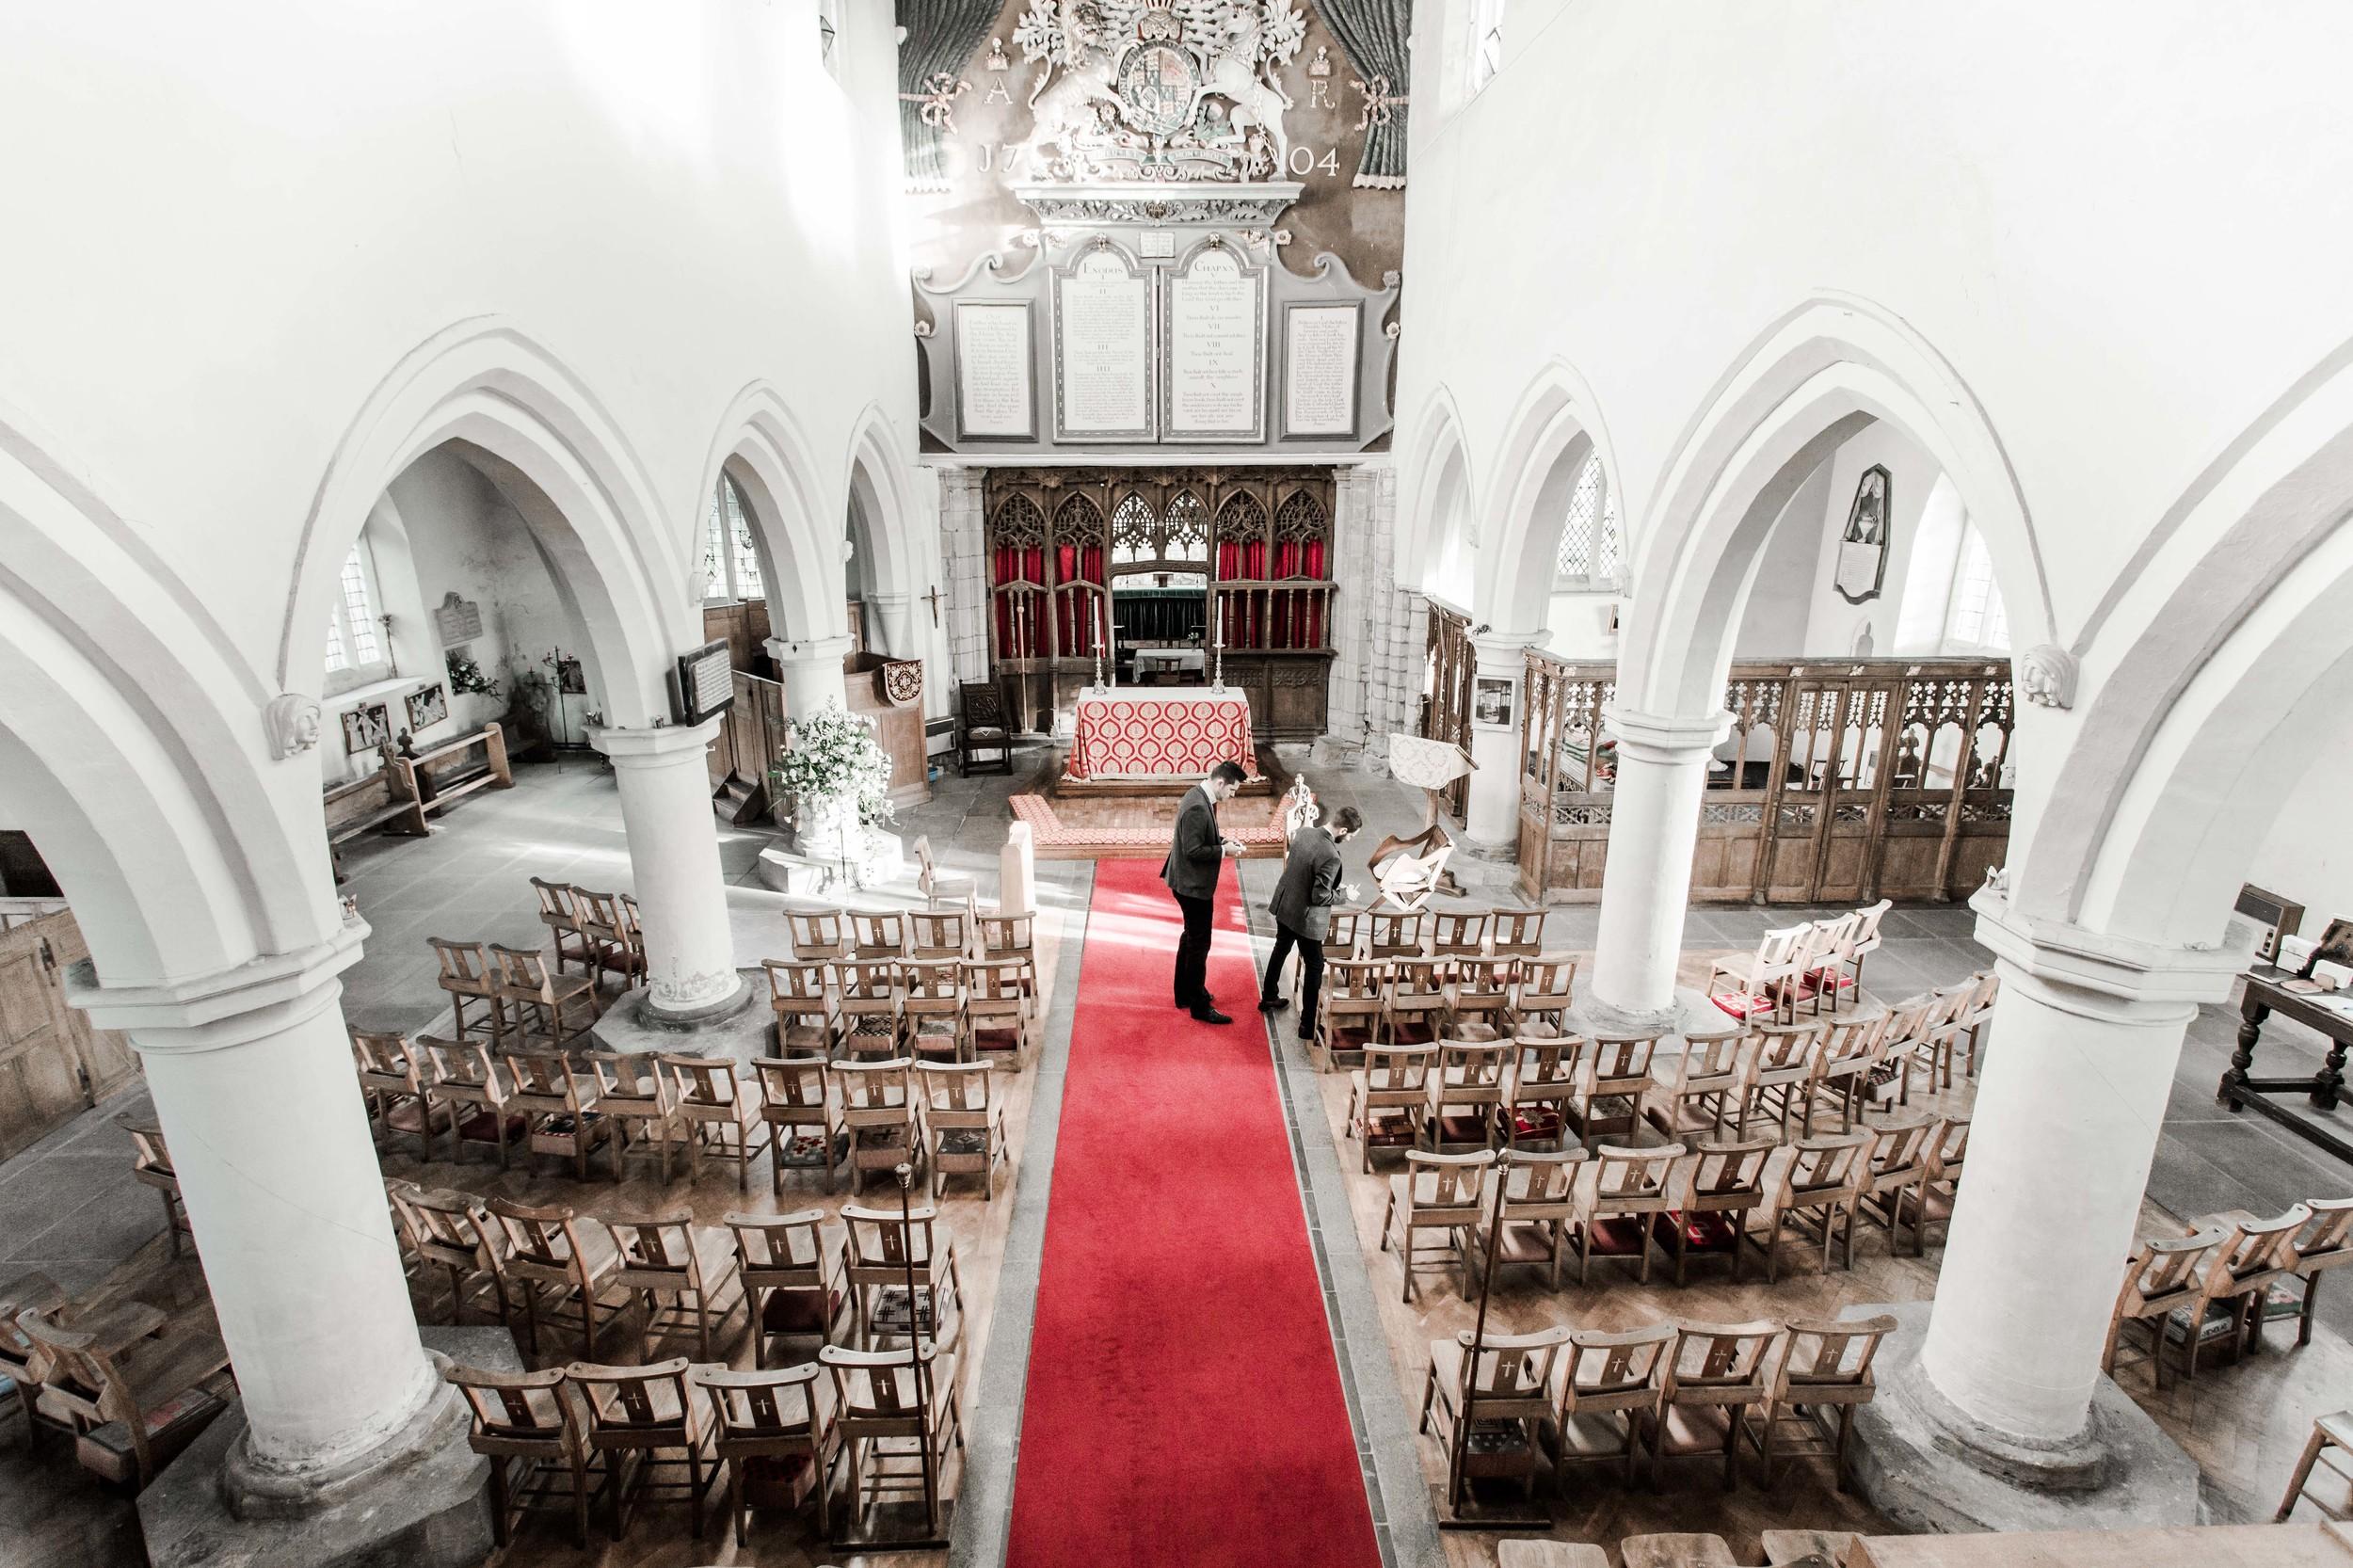 005 - Angela and Karls Wedding by www.markpugh.com -6585.jpg